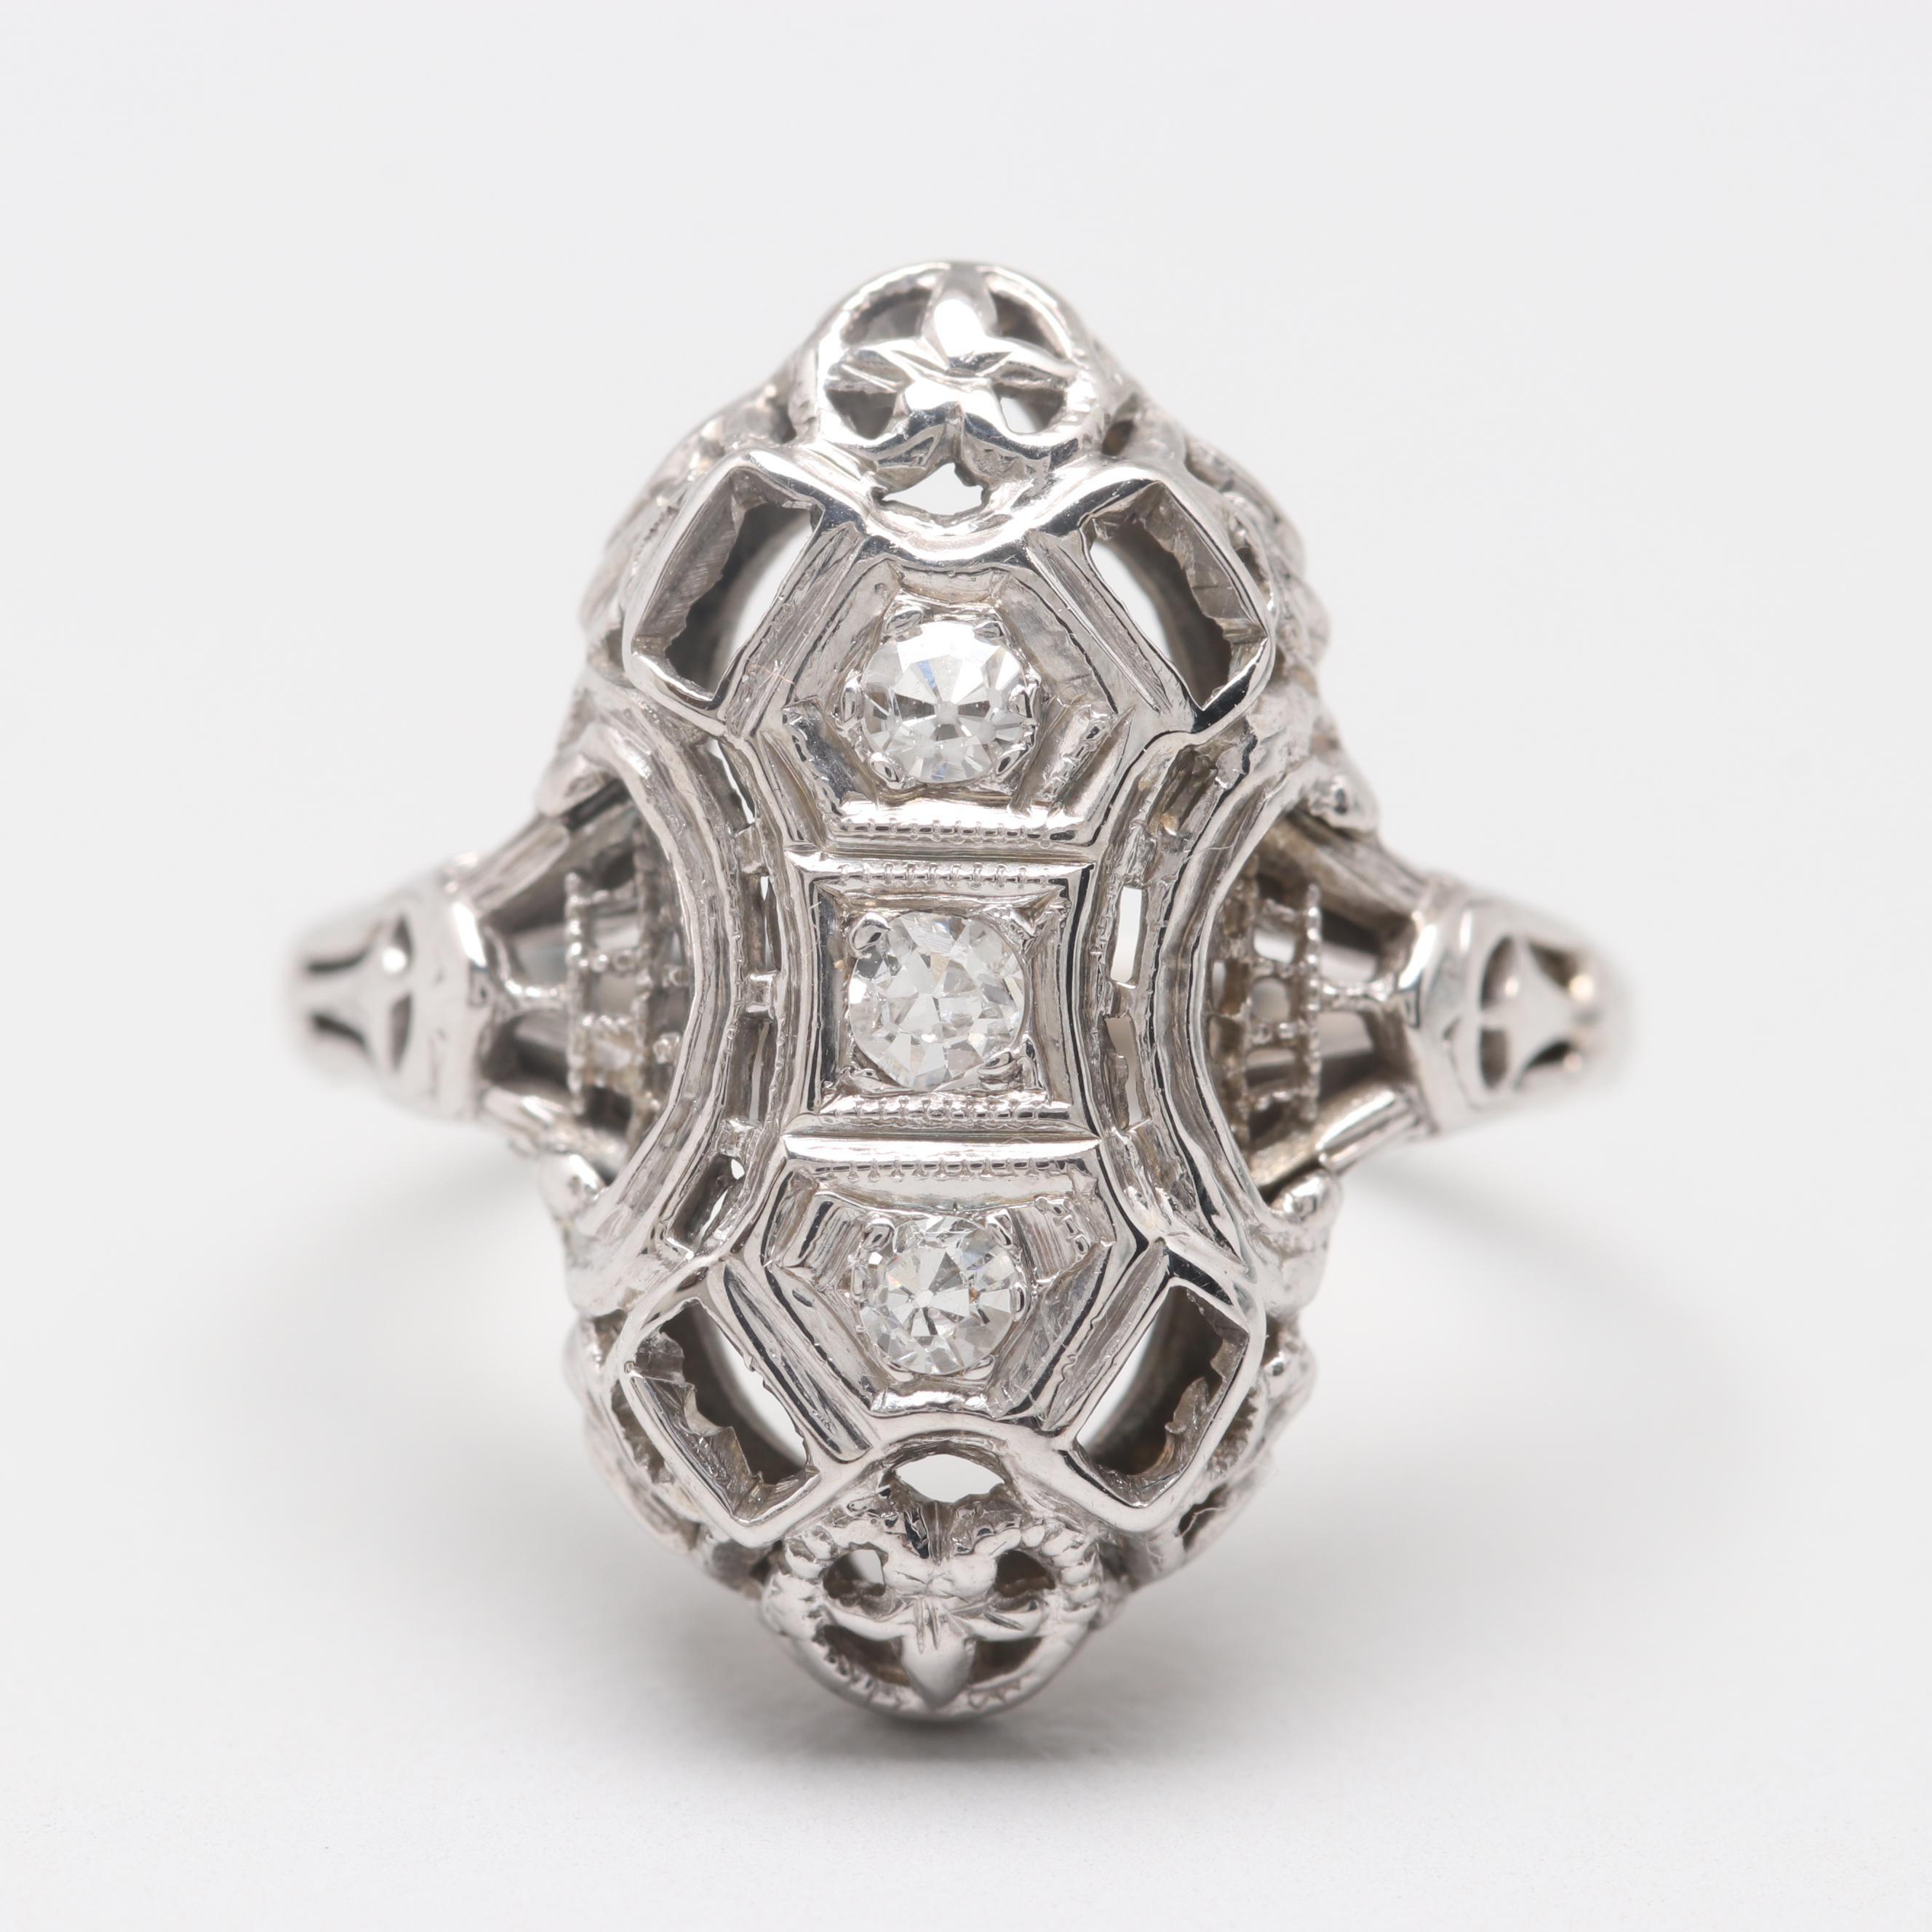 Art Deco 18K White Gold Diamond Dinner Ring